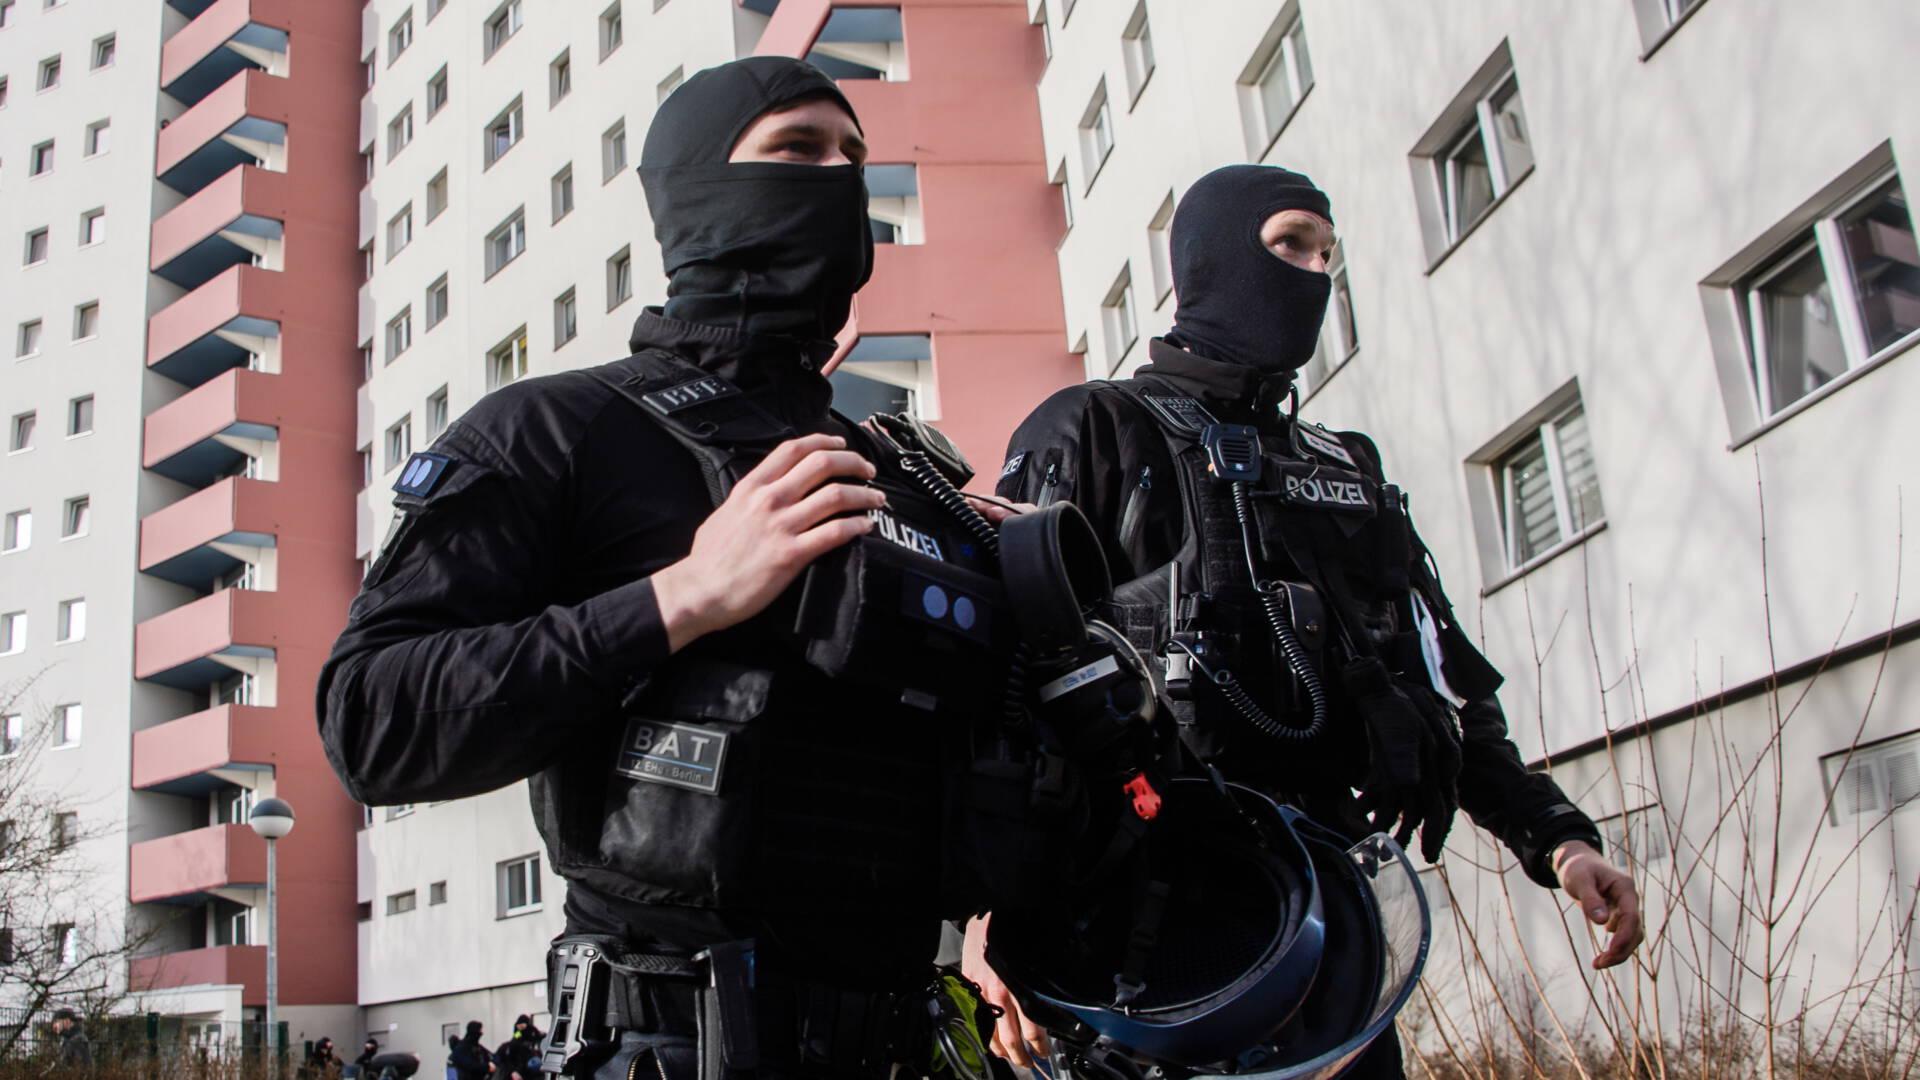 """شبكة جهادية خطيرة في برلين تروج لعمليات """"استشهادية"""" تقوم الشرطة بعمليات بحث عنها"""